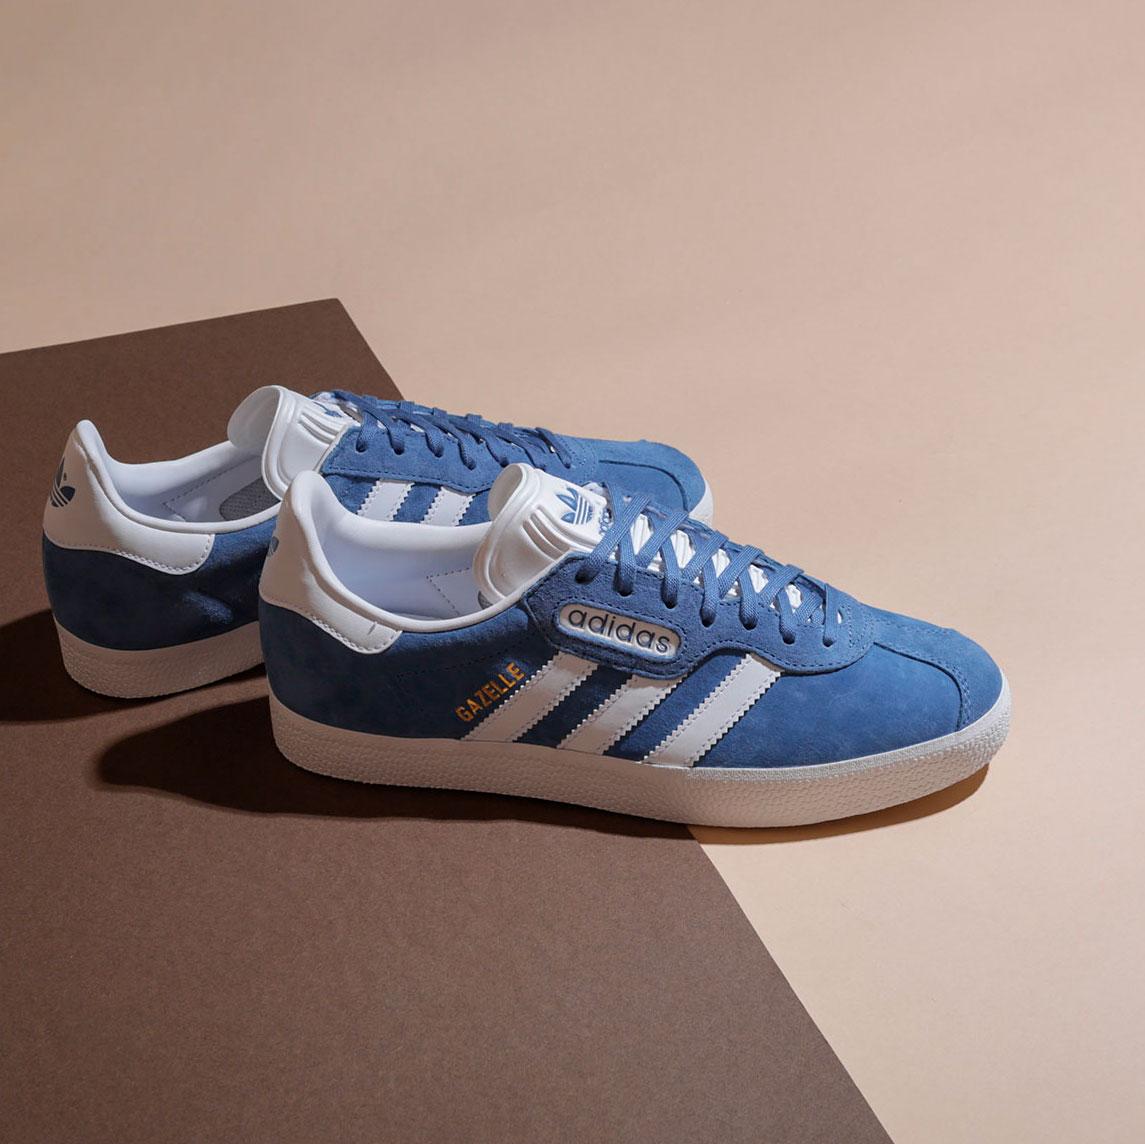 Распродажа adidas Originals (Адидас Ориджинал) в интернет магазине  Sneakerhead в Москве 1e24ef45272